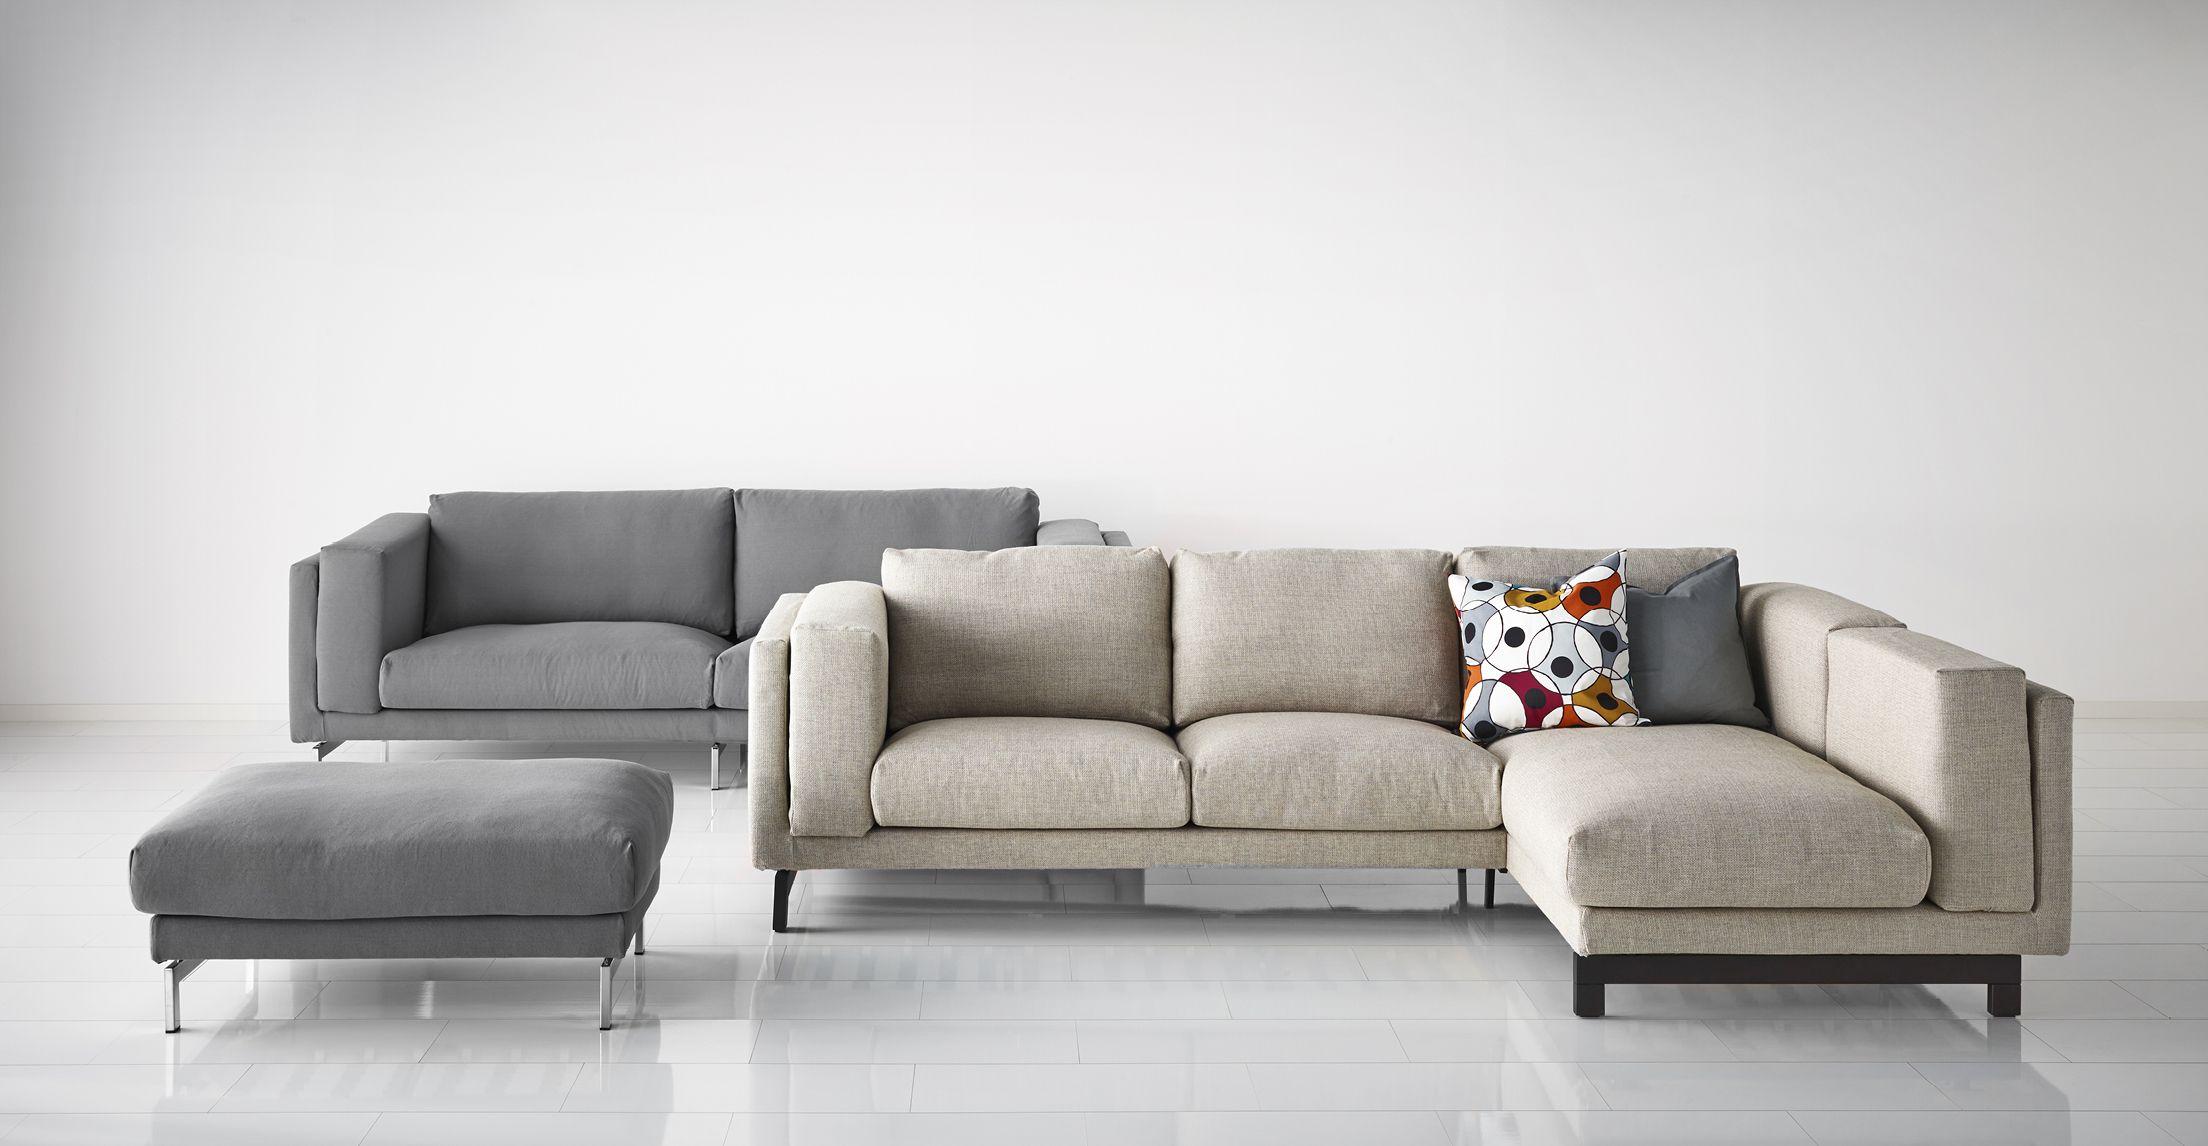 Chaiselongue Sofa Lounge Doppel Arm Chaise Zweiseitig